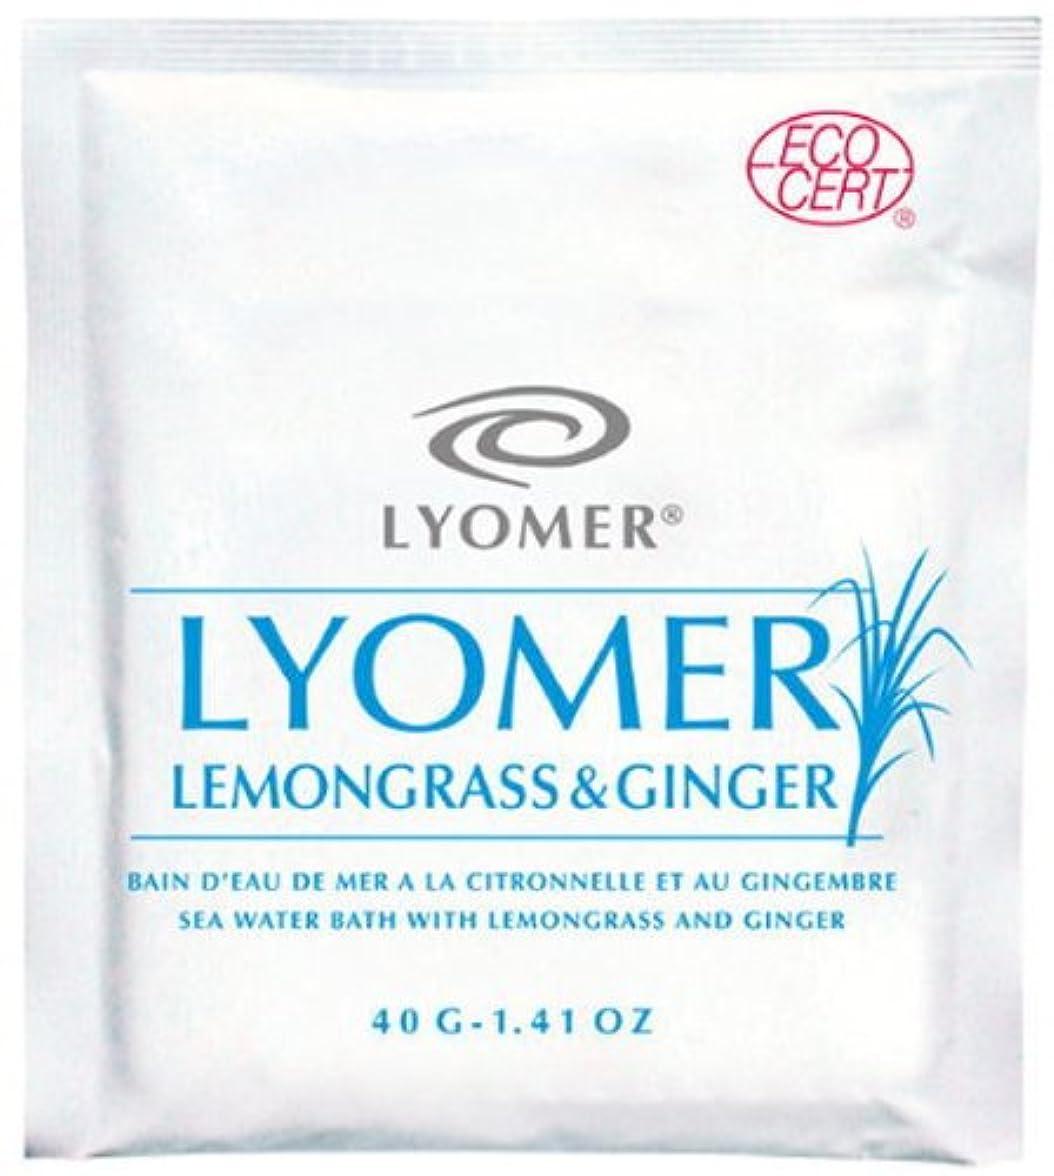 教科書で戦術リヨメール レモングラス&ジンジャー 40g